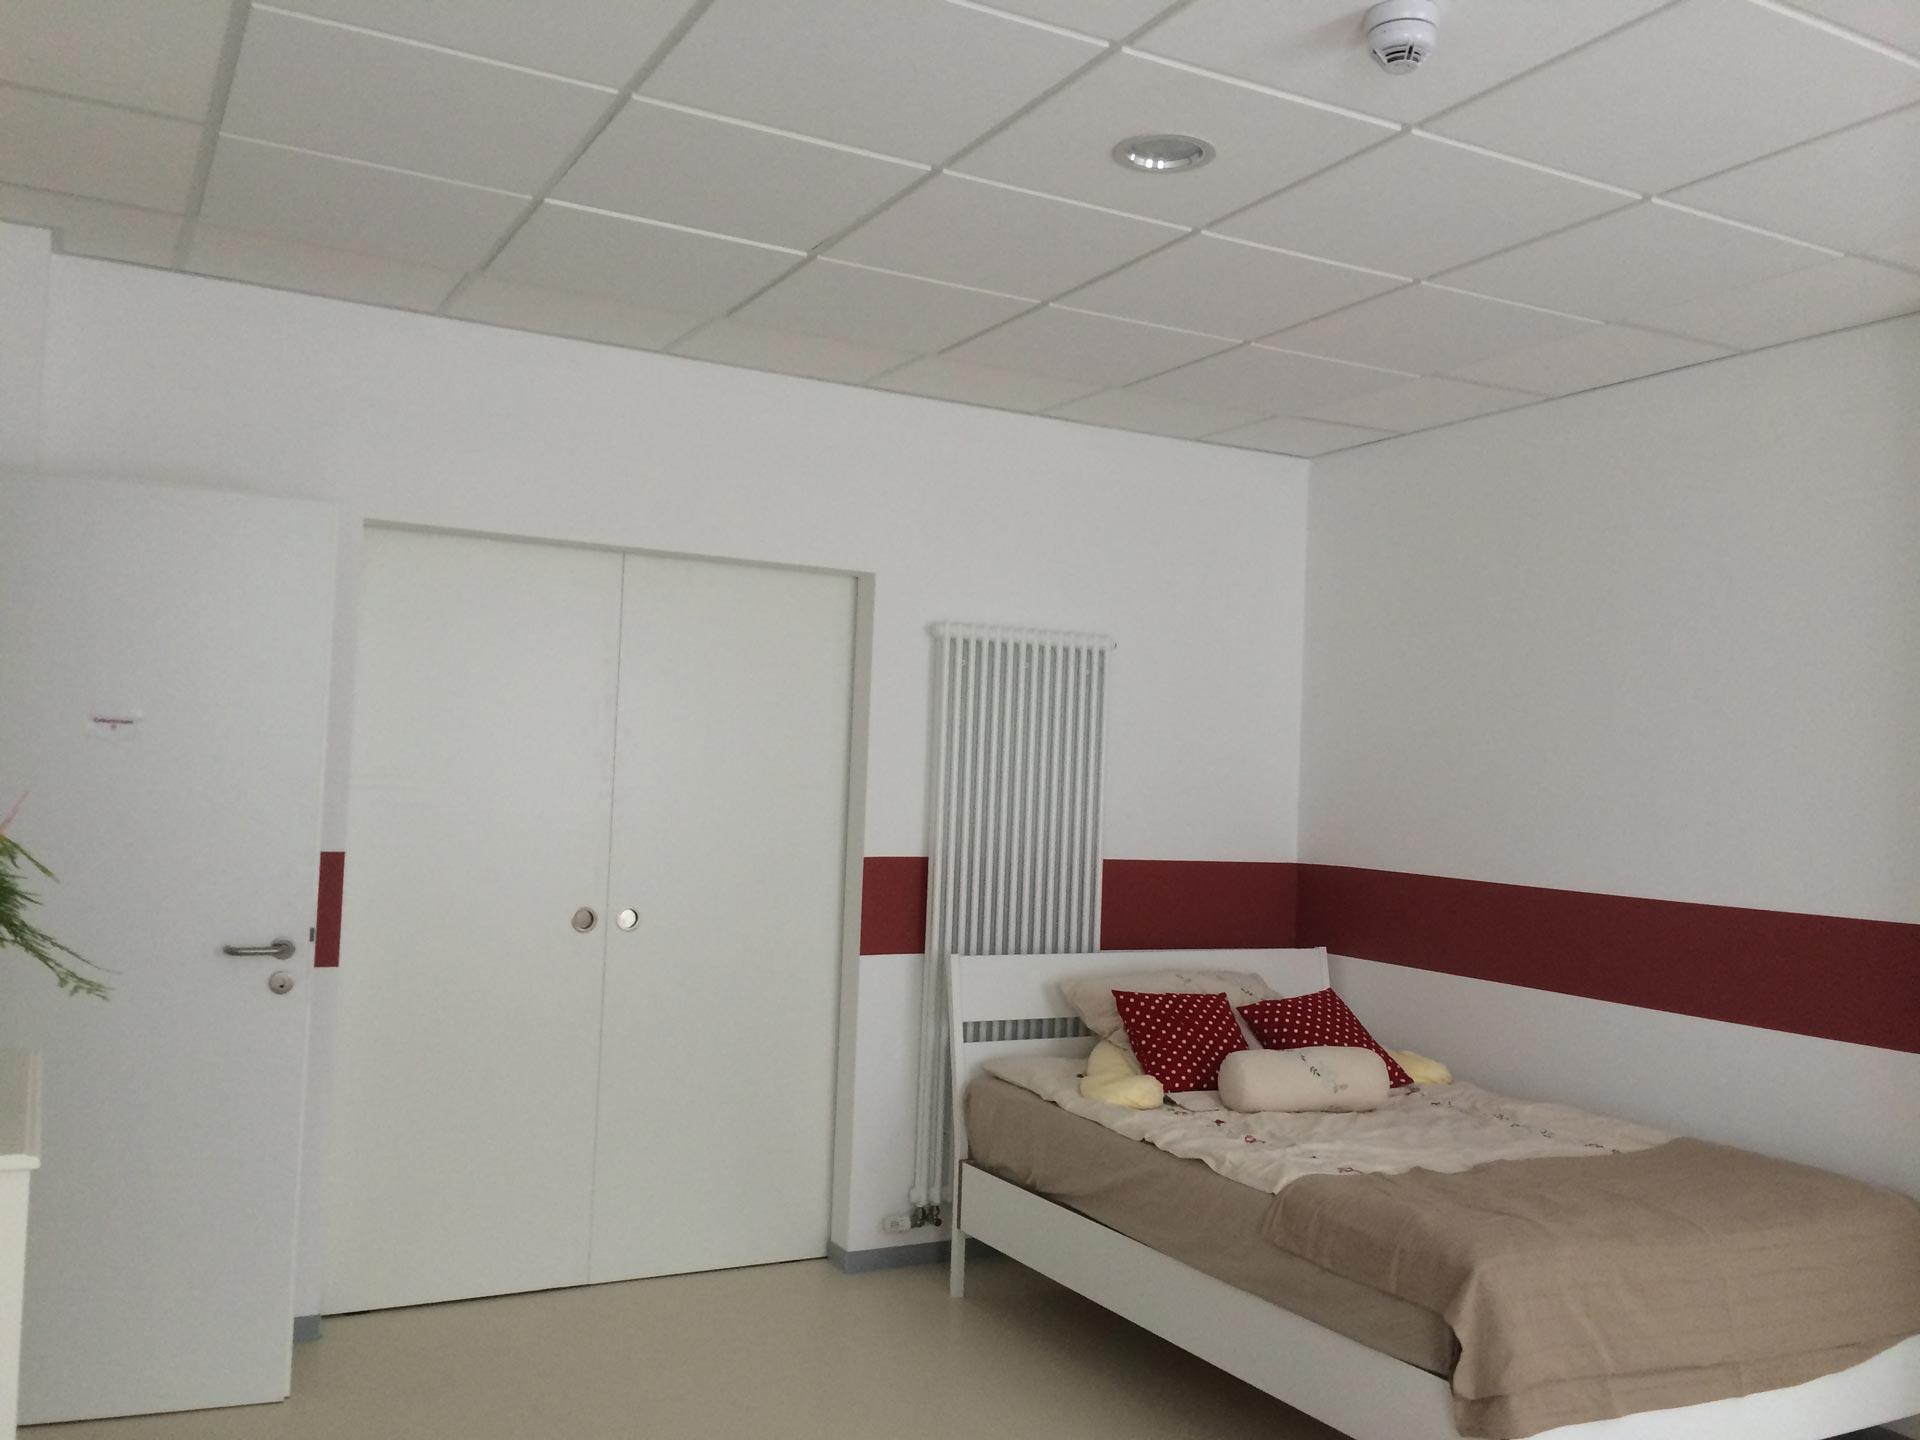 Tischlerei-Baeumer-Altenberge_Gesundheitszentrum-Koeln-Widdersdorf_04